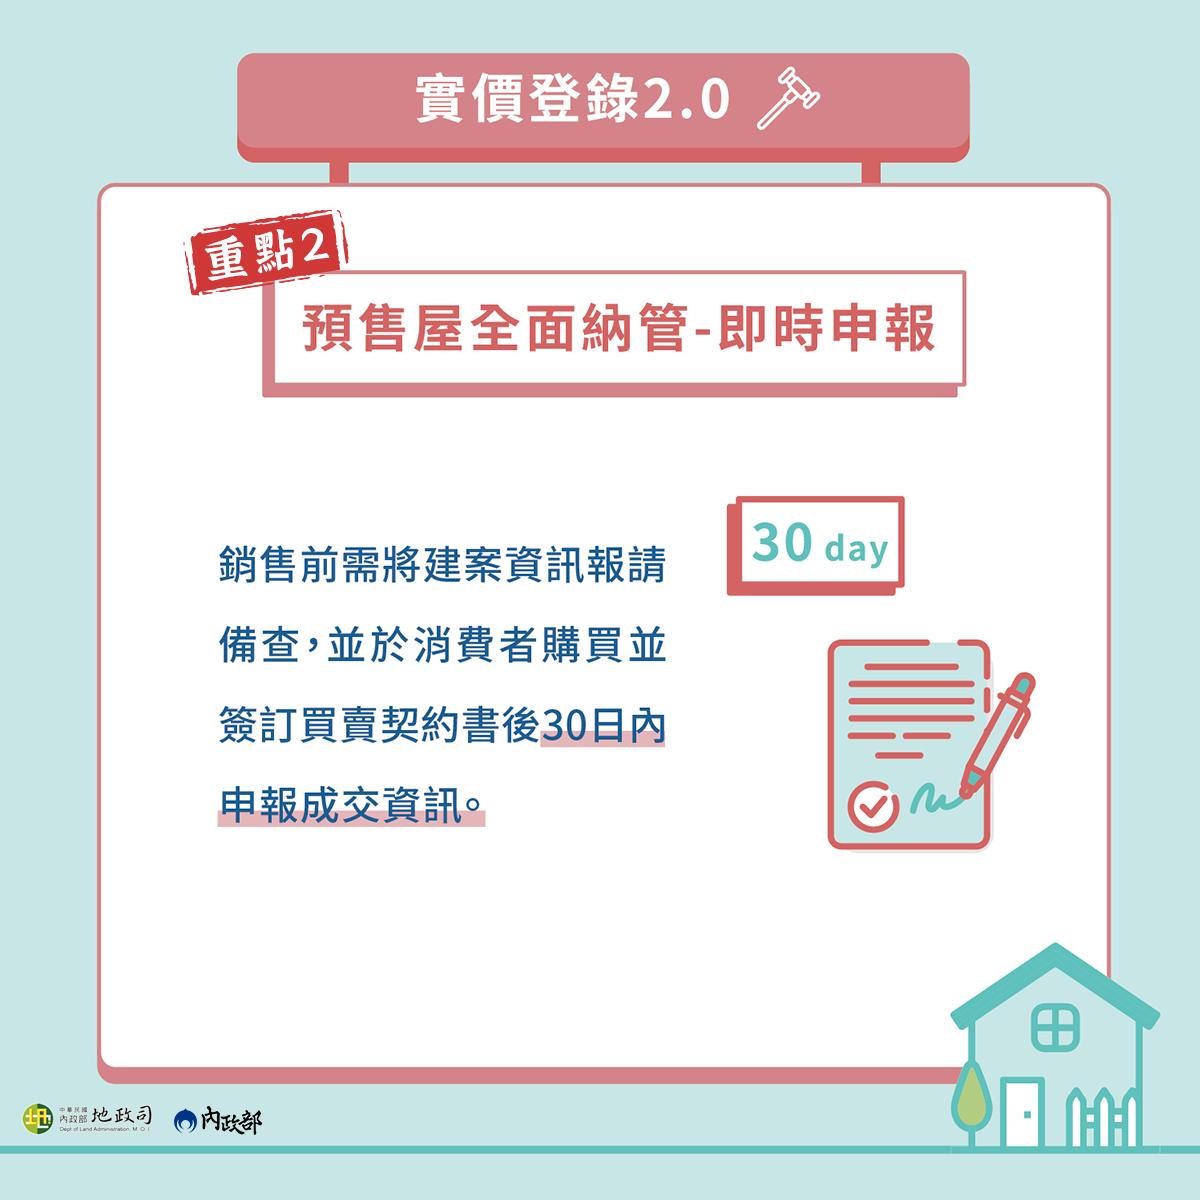 (開新視窗)實價登錄2.0新制五大變革 110年7月1日上路附件檔案(3)下載(png)